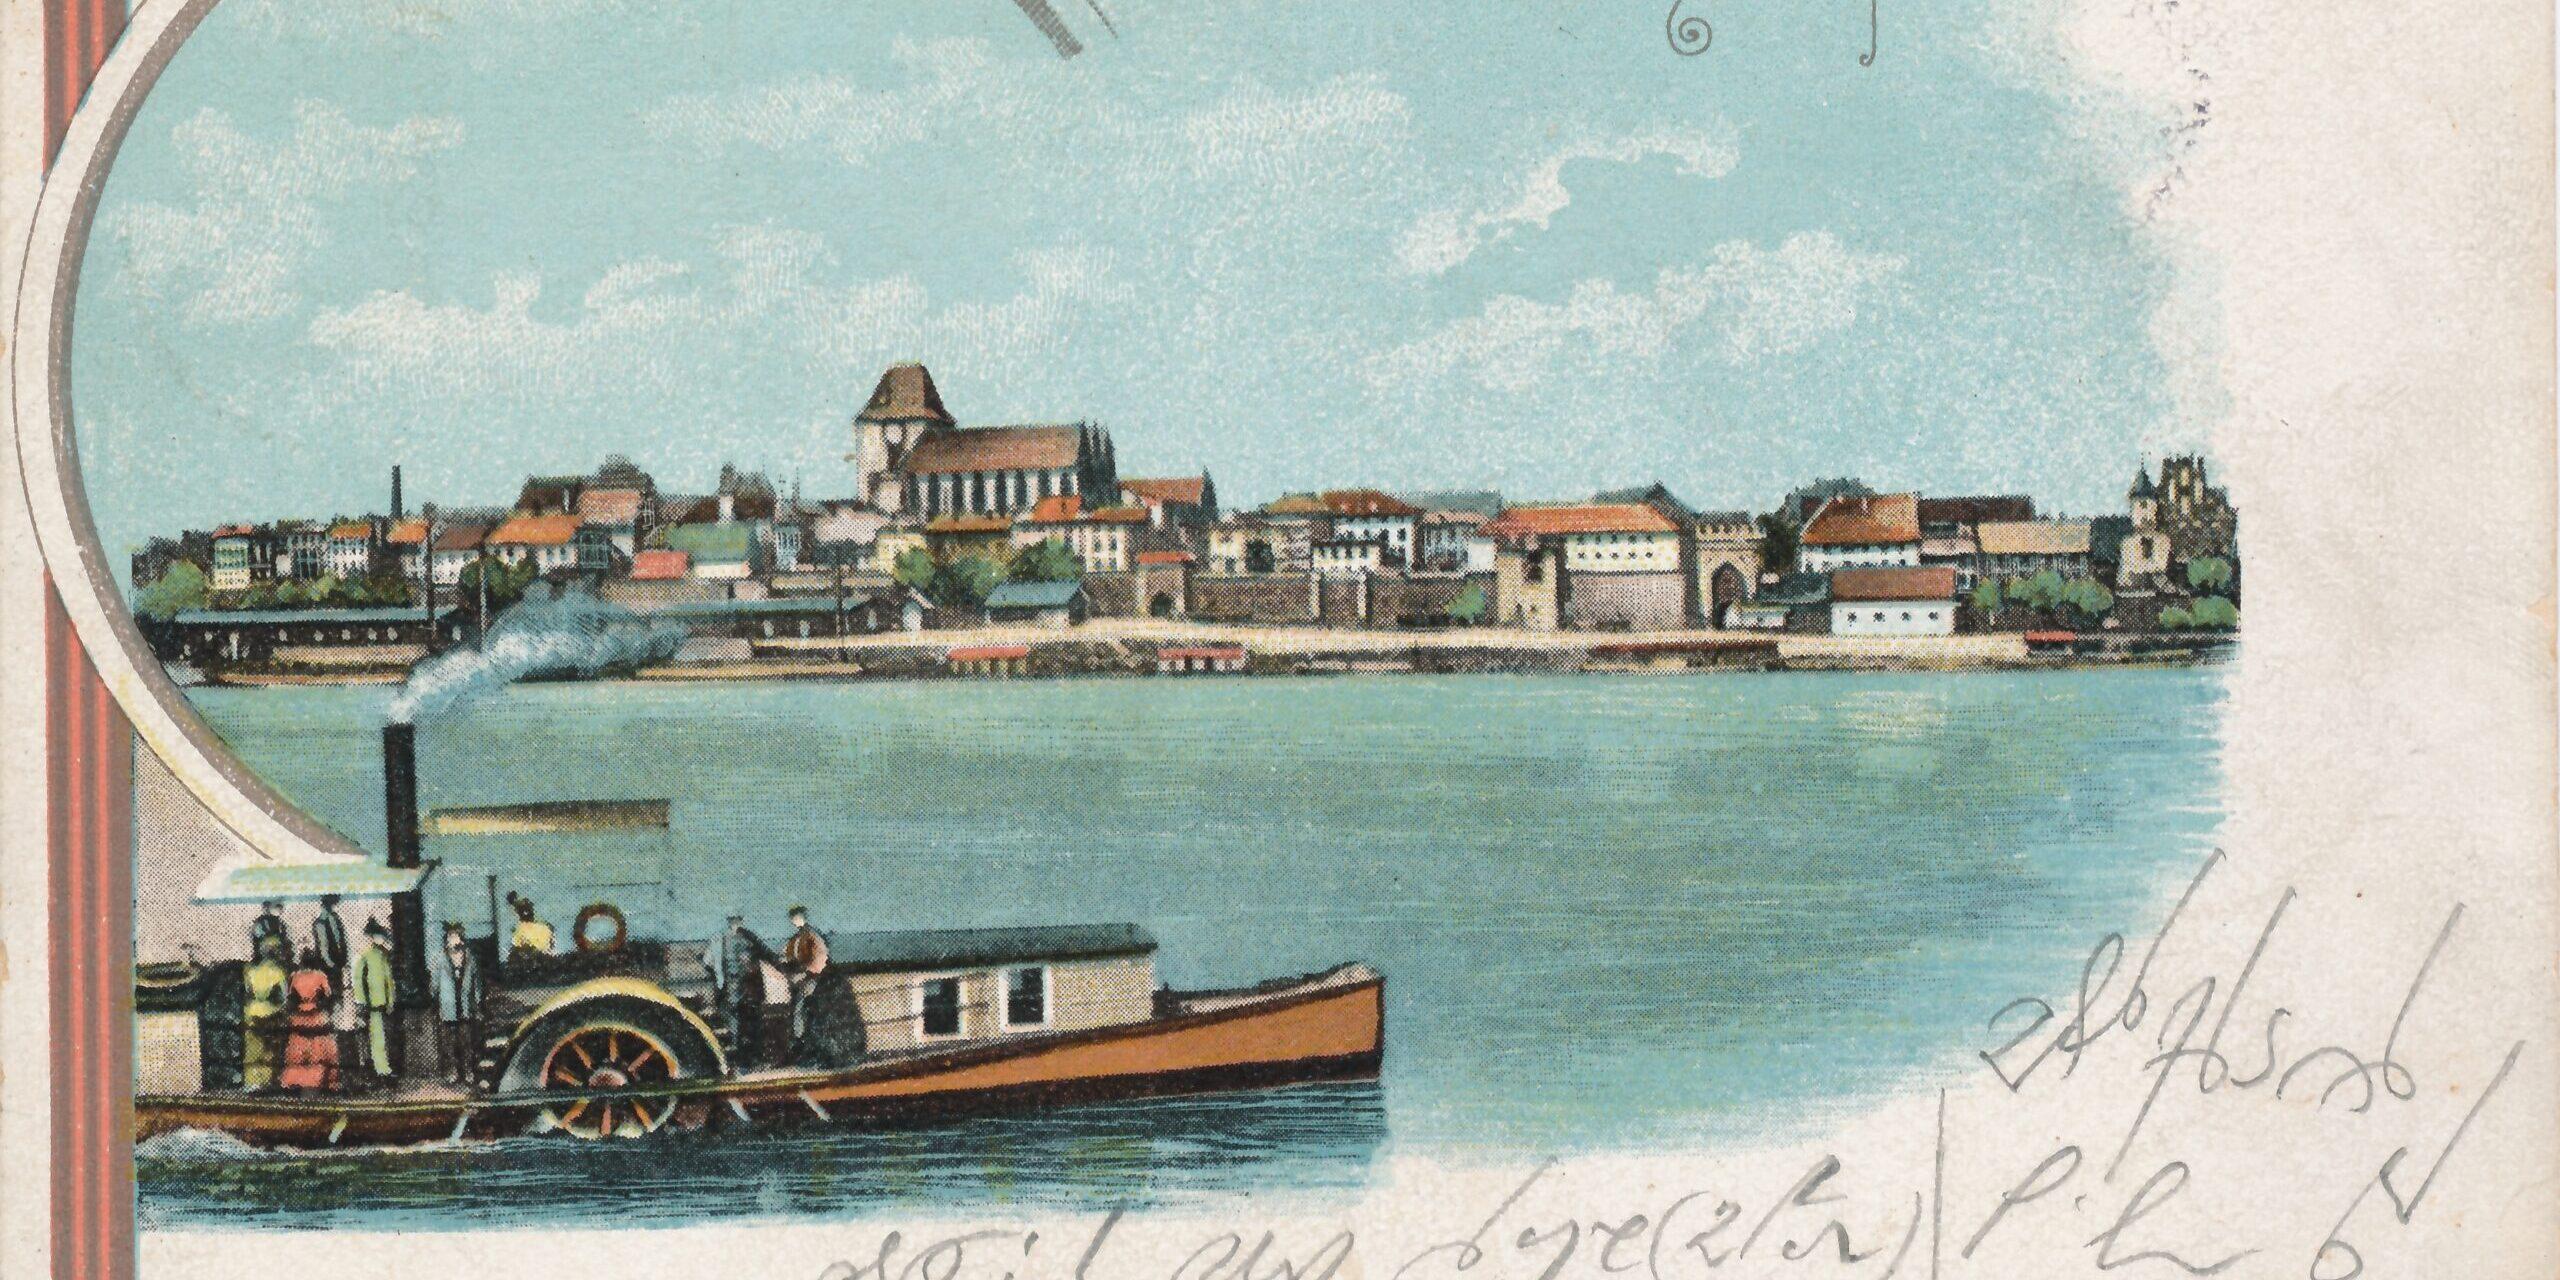 Toruńskie drogi na muzealnej pocztówce